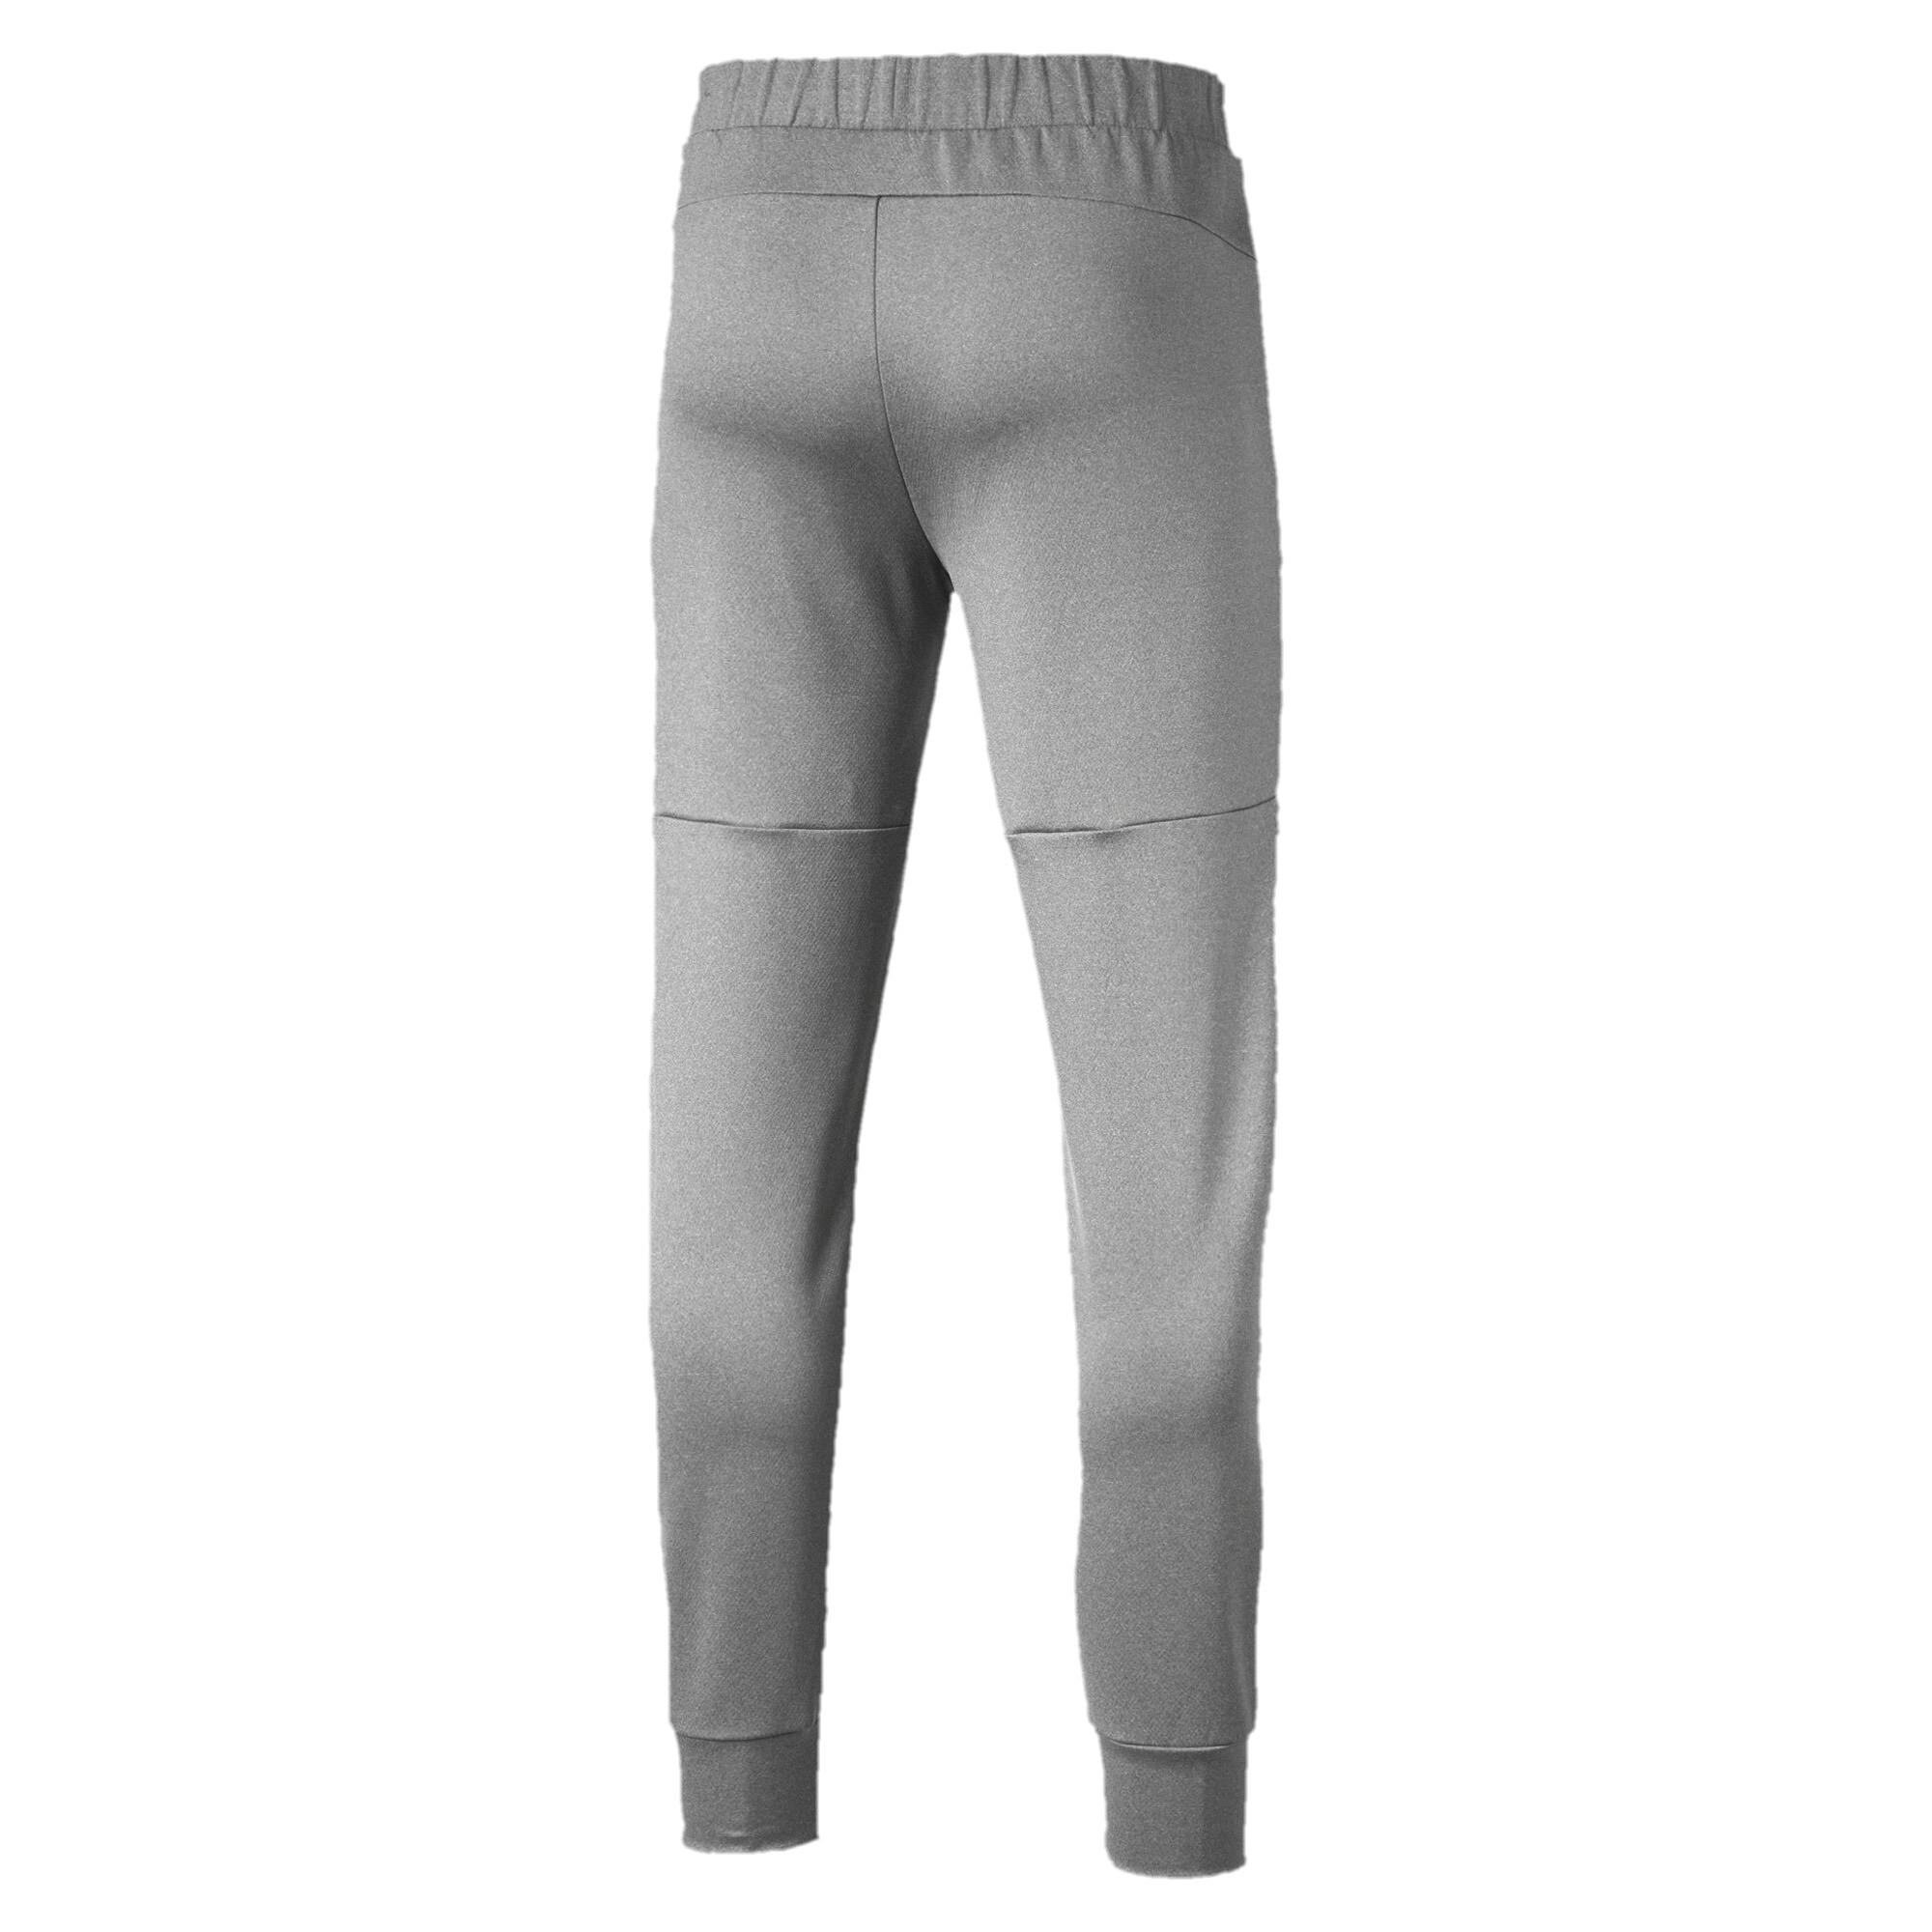 PUMA-Tec-Sports-Men-039-s-Sweatpants-Men-Knitted-Pants-Basics thumbnail 8